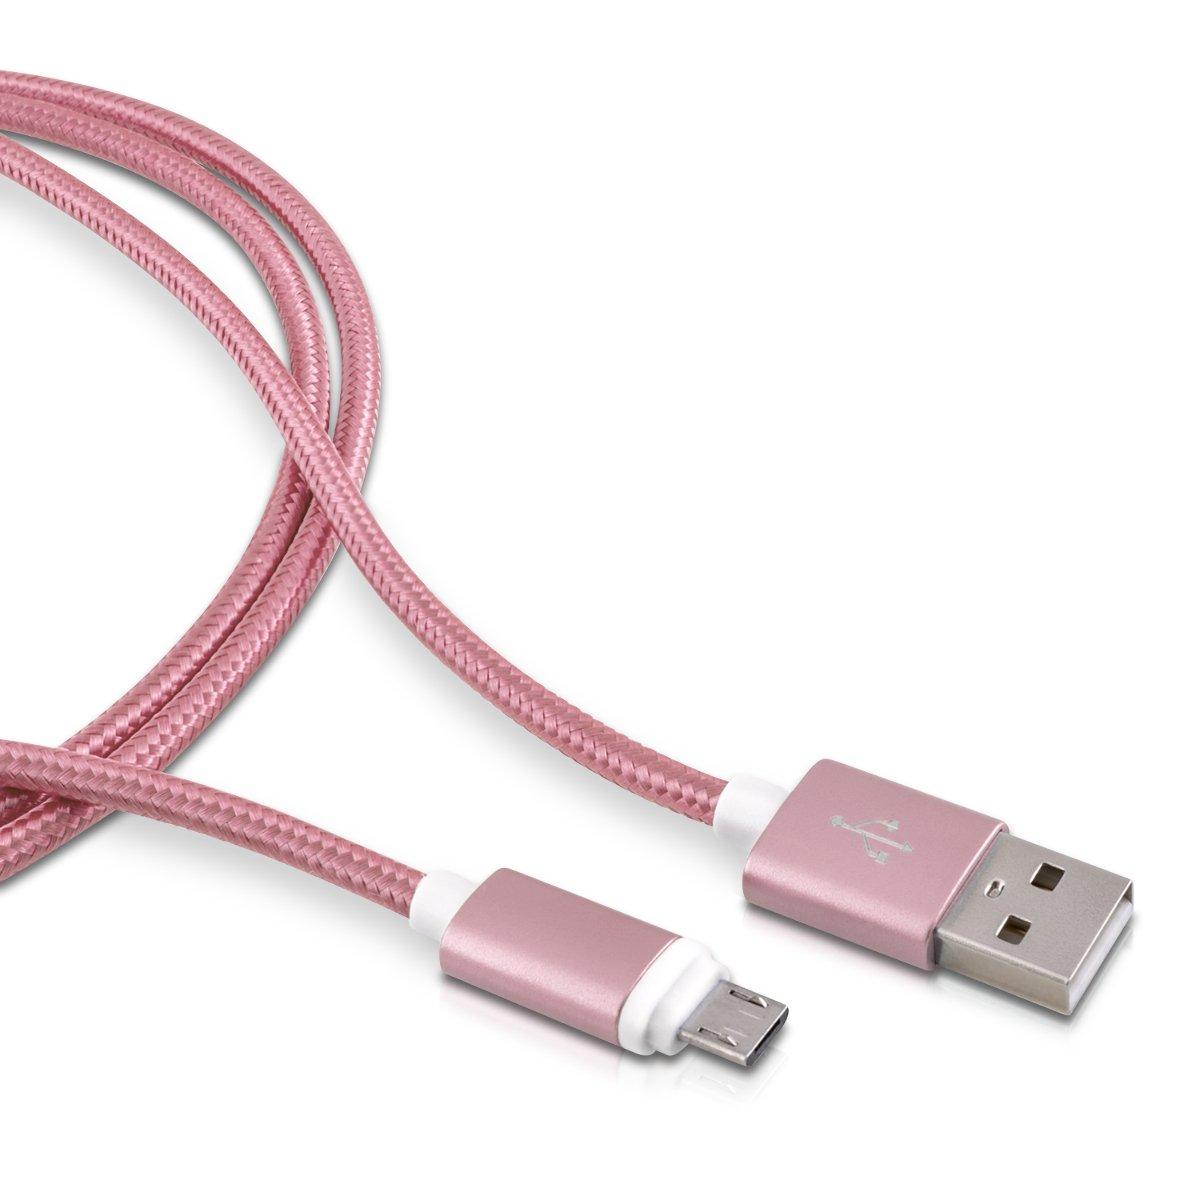 kwmobile Cable microUSB de Nylon - Cable de Carga rápida Micro USB para móvil Tablet - Cable Cargador para Samsung Sony Huawei etc en Rosado de 2 M